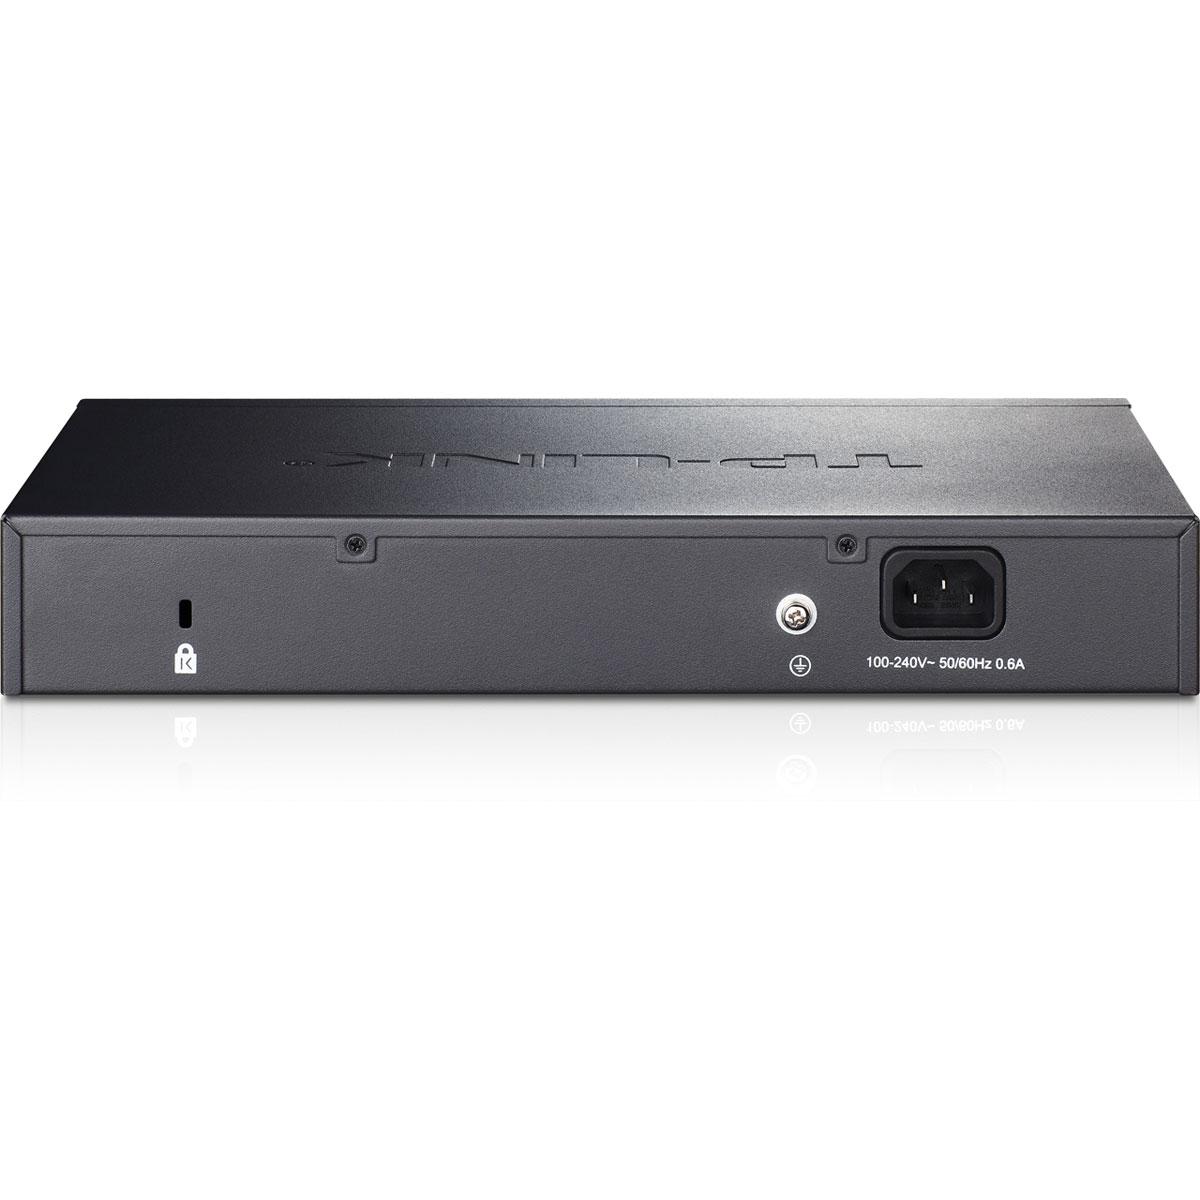 TP-Link Safestream TL-ER6020 - Switch 2 ports Gigabit VPN - Routeur - 1